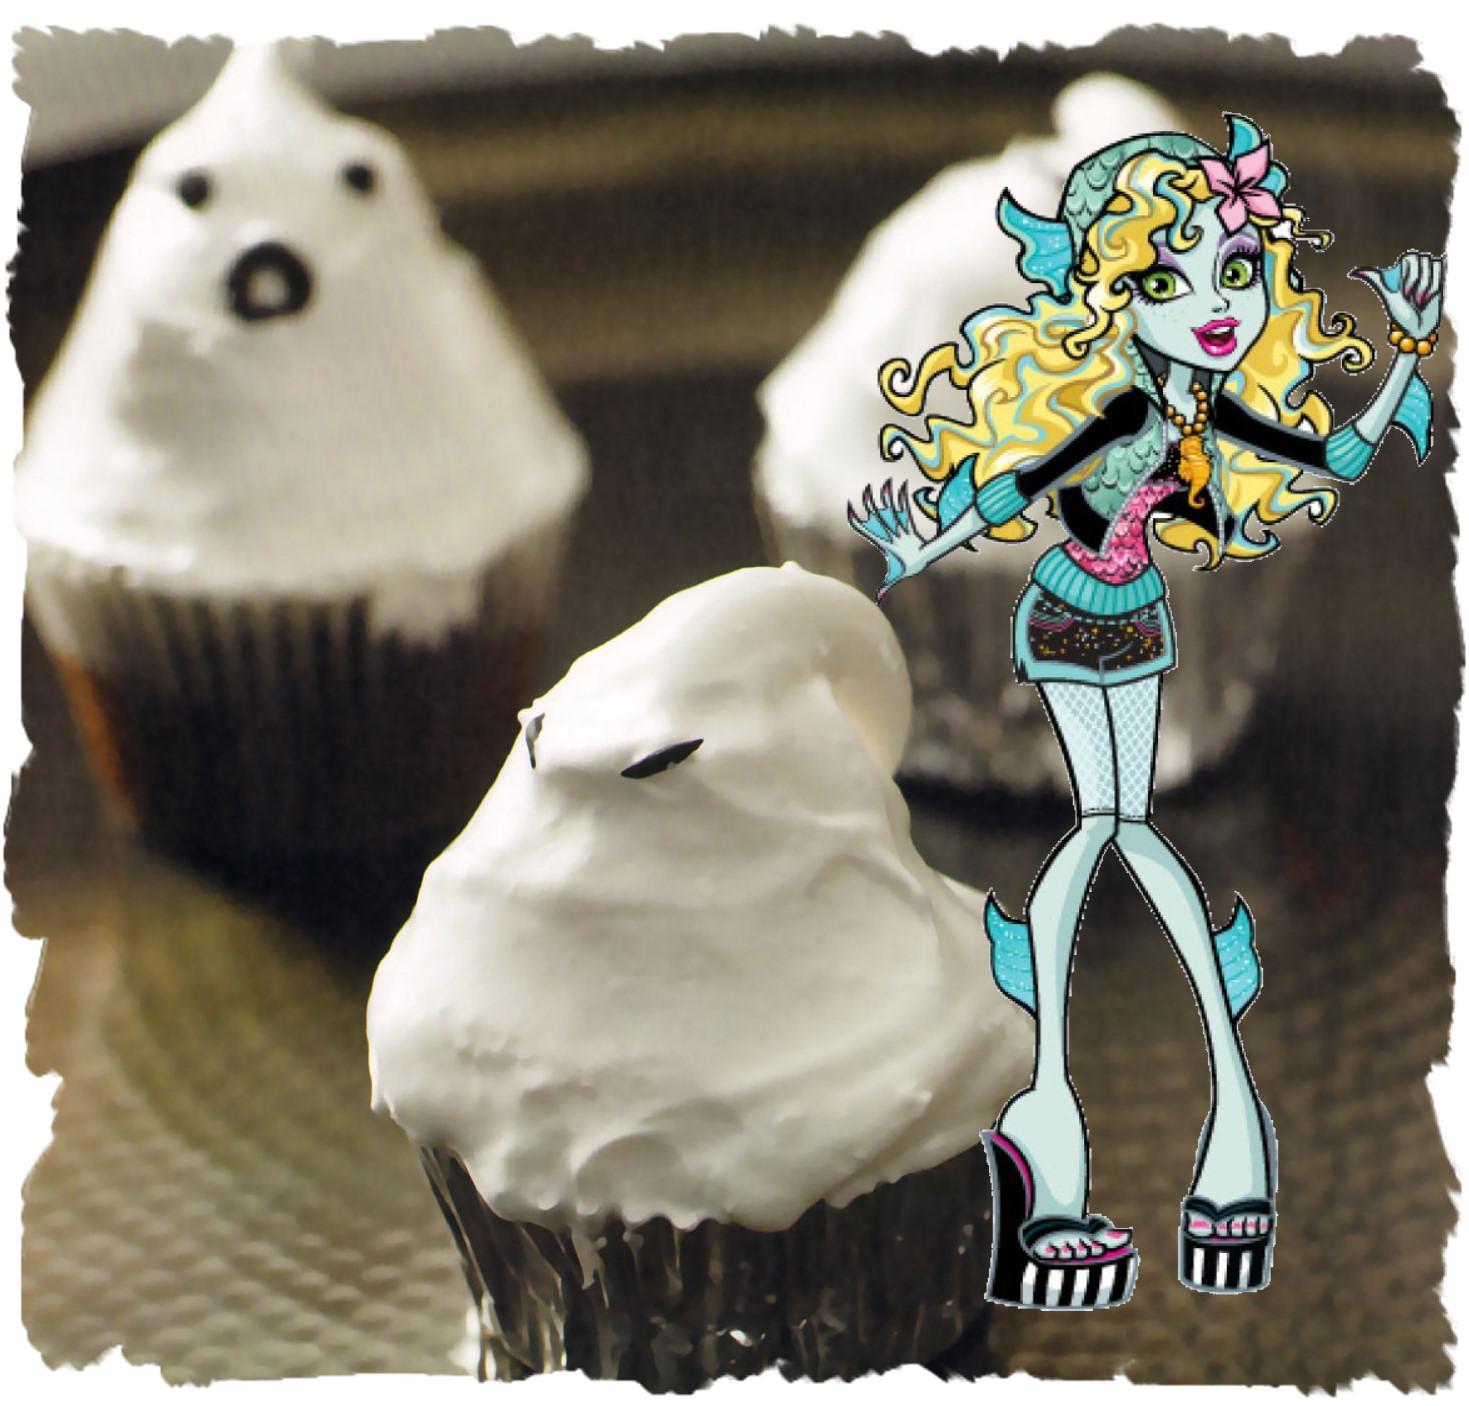 lagoona blue cupcakes merengues fantasmales